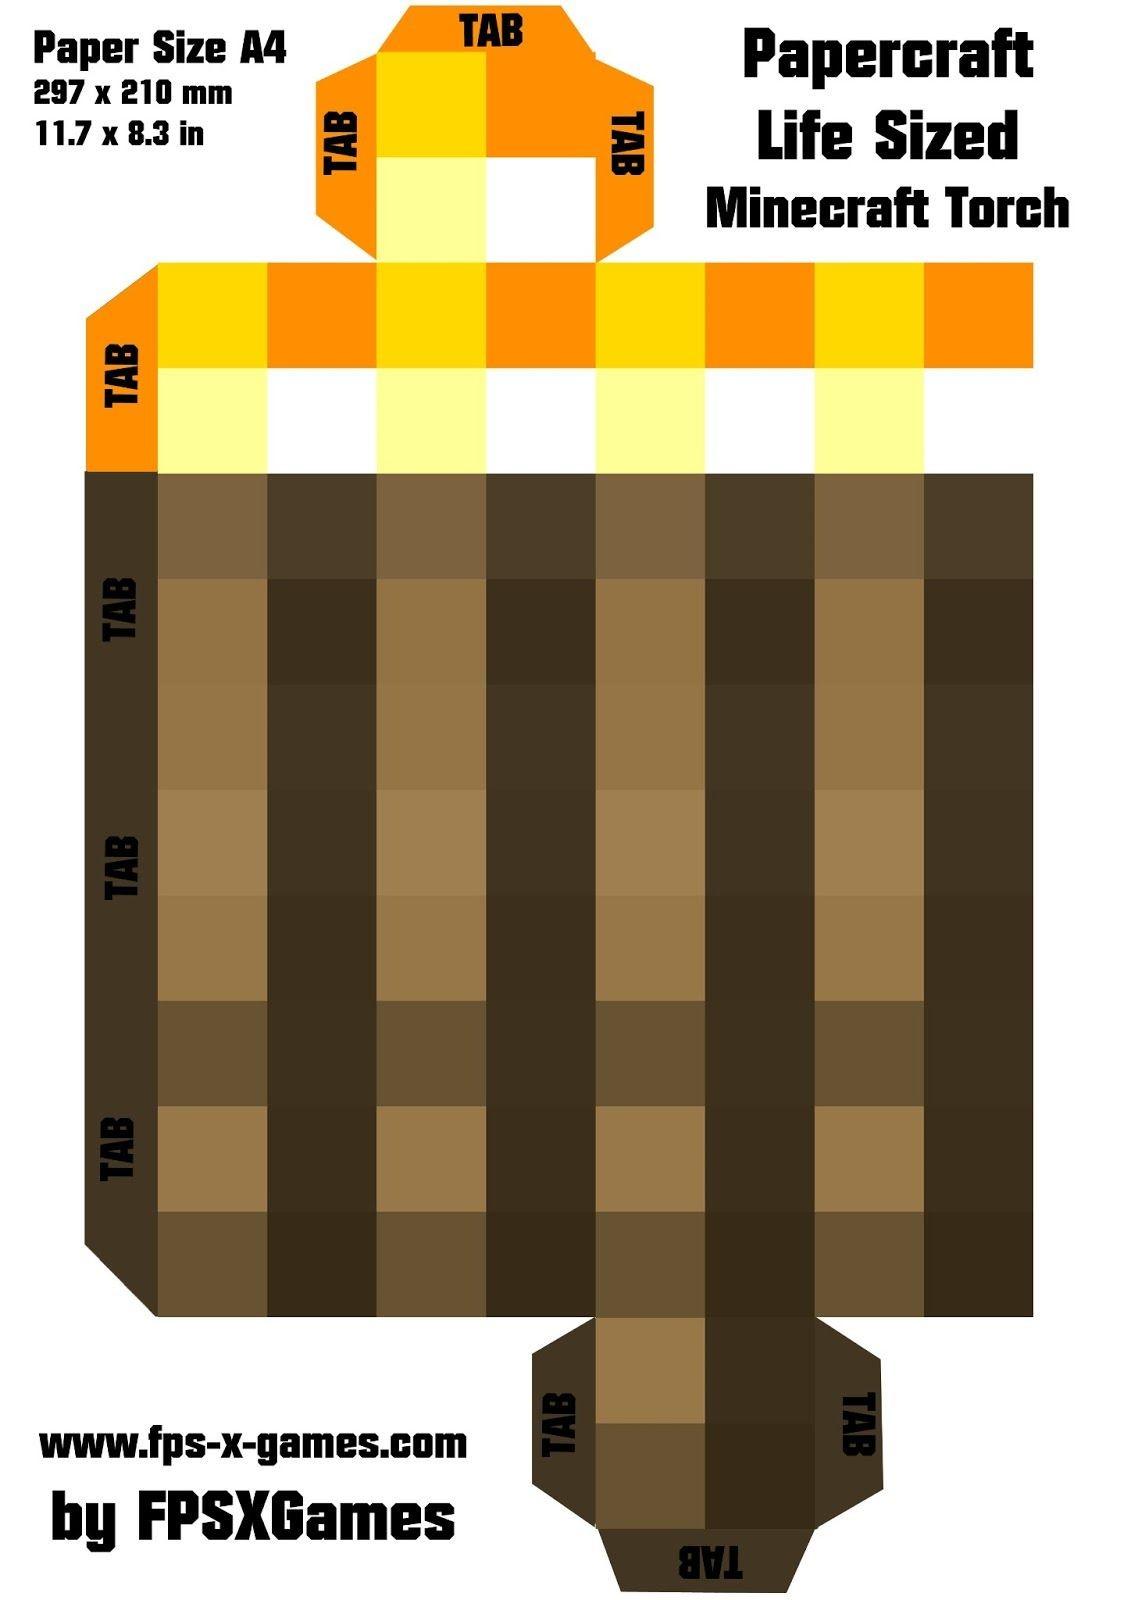 Papercraft Minecraft Game Artesanato De Minecraft Passo A Passo – tocha Molde